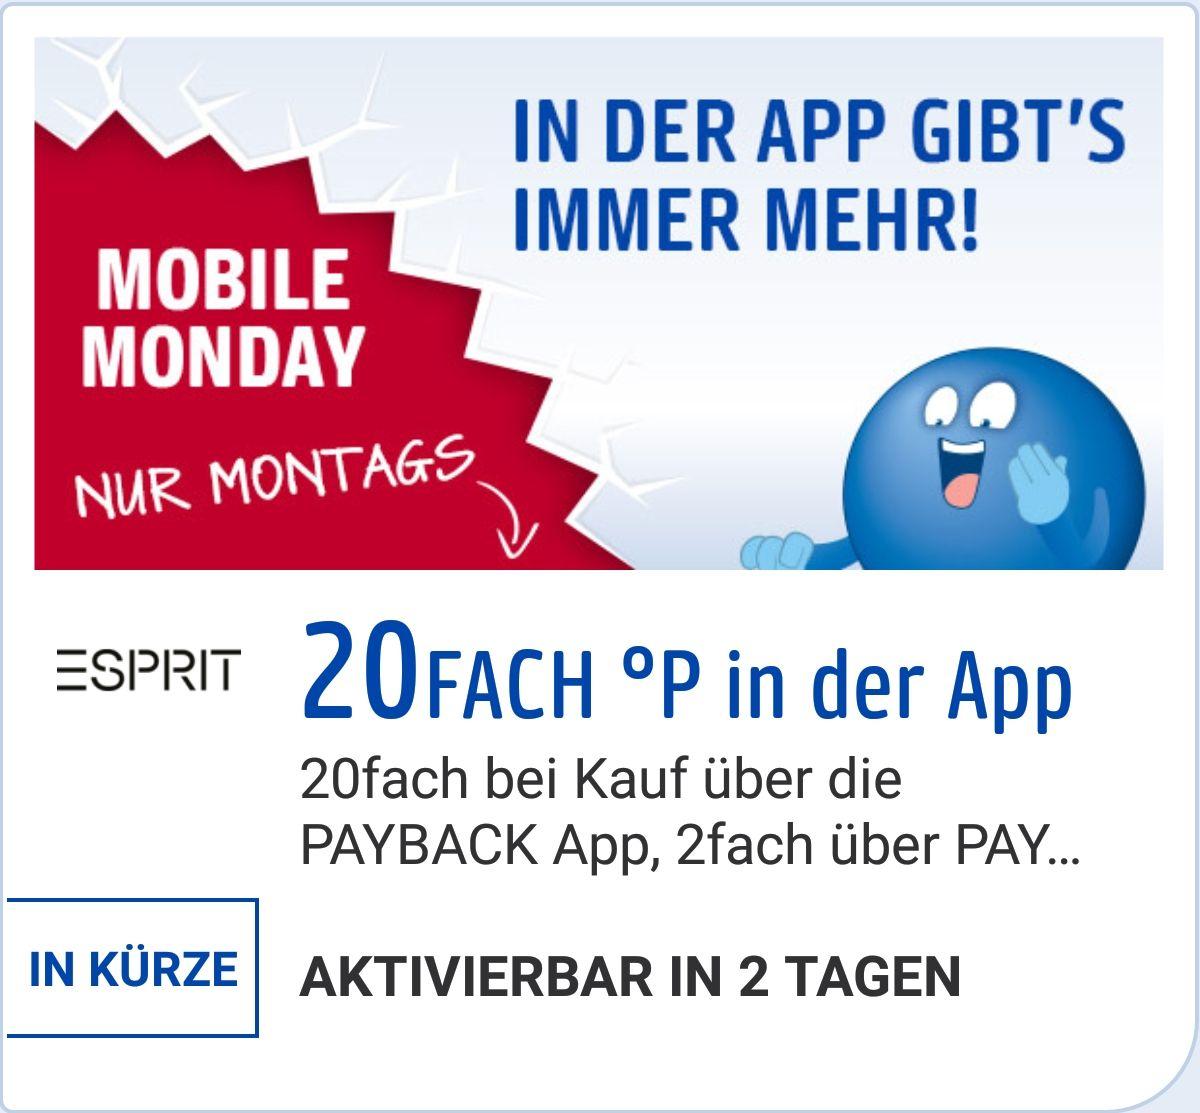 [Esprit.de] Am Montag gibt es 20-fach Payback Punkte auf den gesamten Einkauf